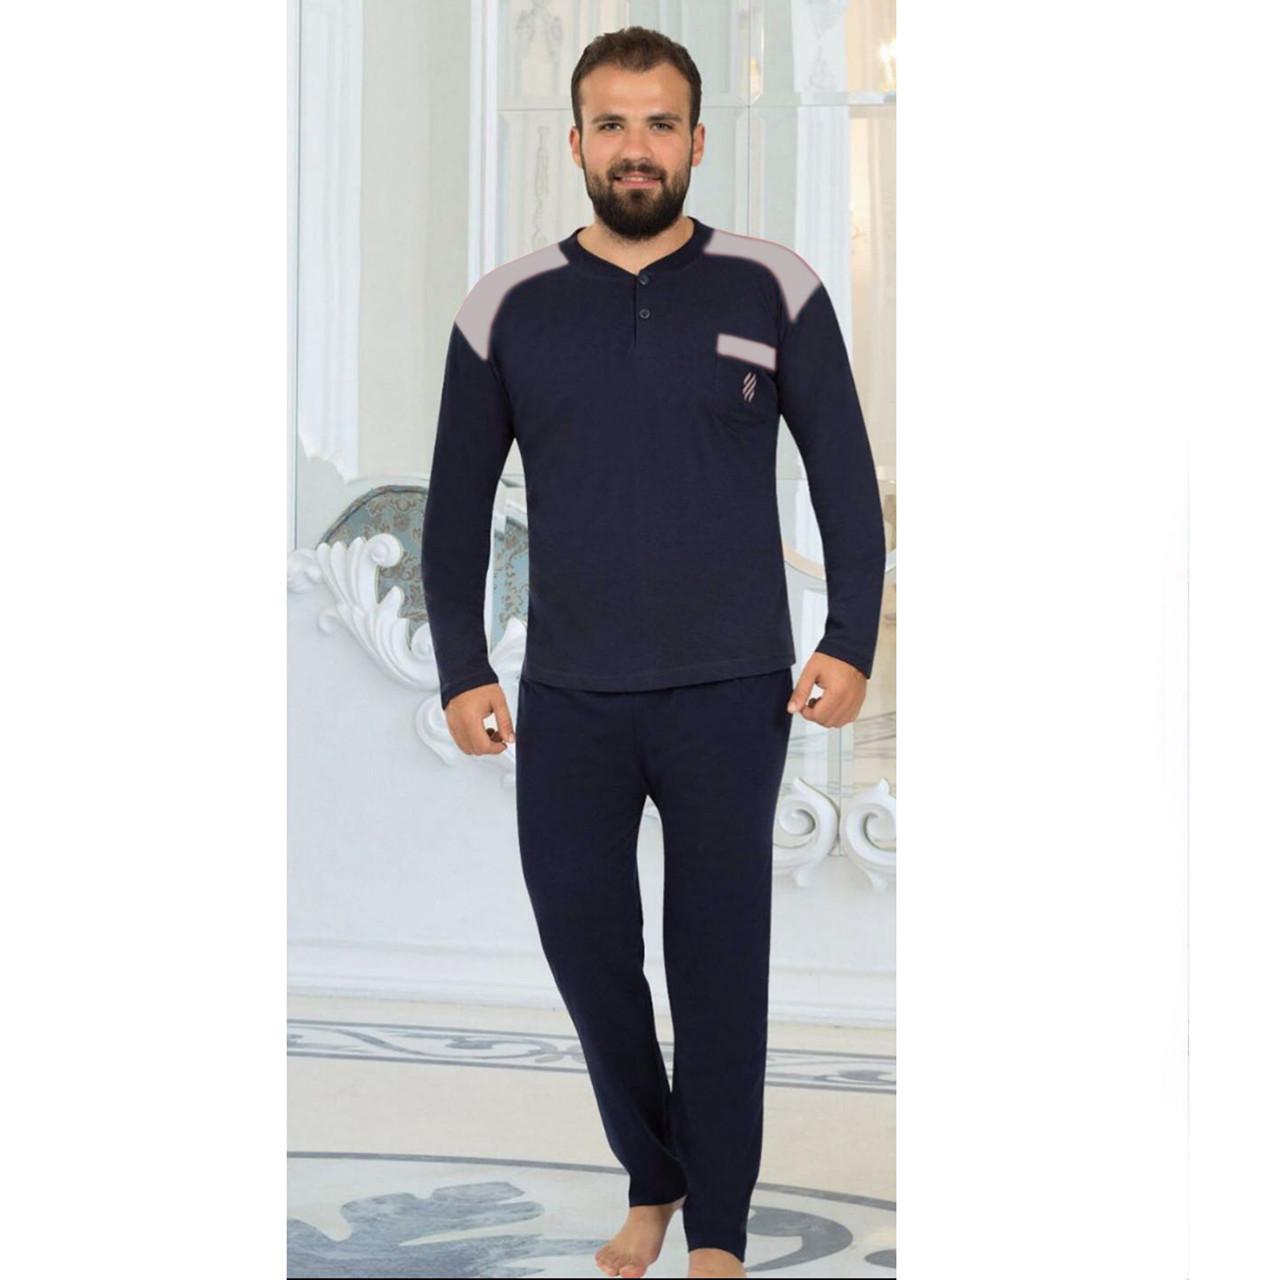 Пижама мужская хлопковая синяя с брюками Rimoli Турция M-XL, костюм для дома